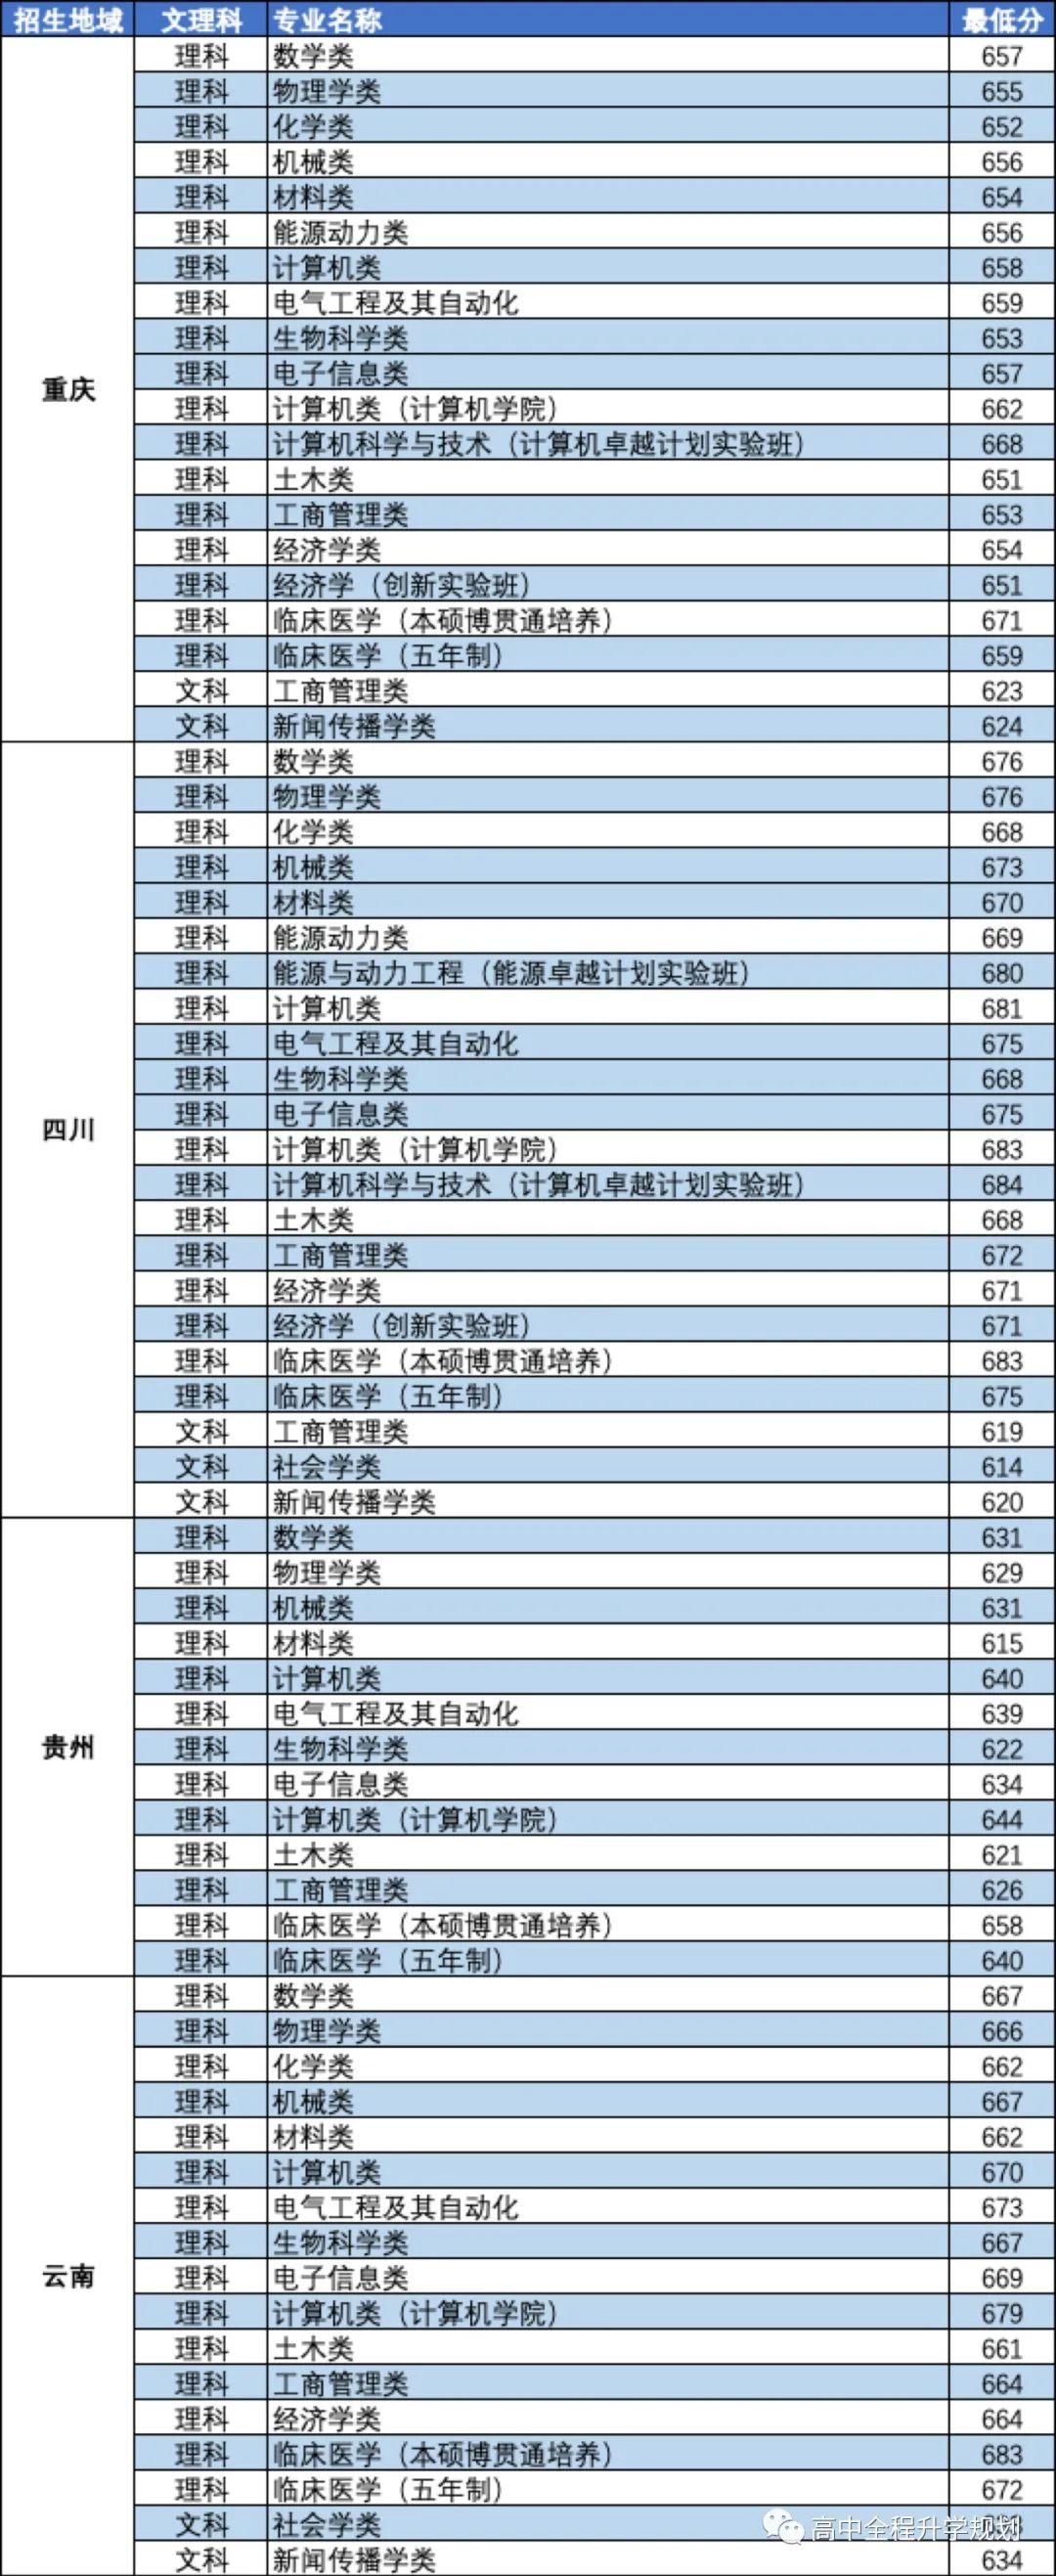 华中科技大学2019重点专业招生计划和录取数据